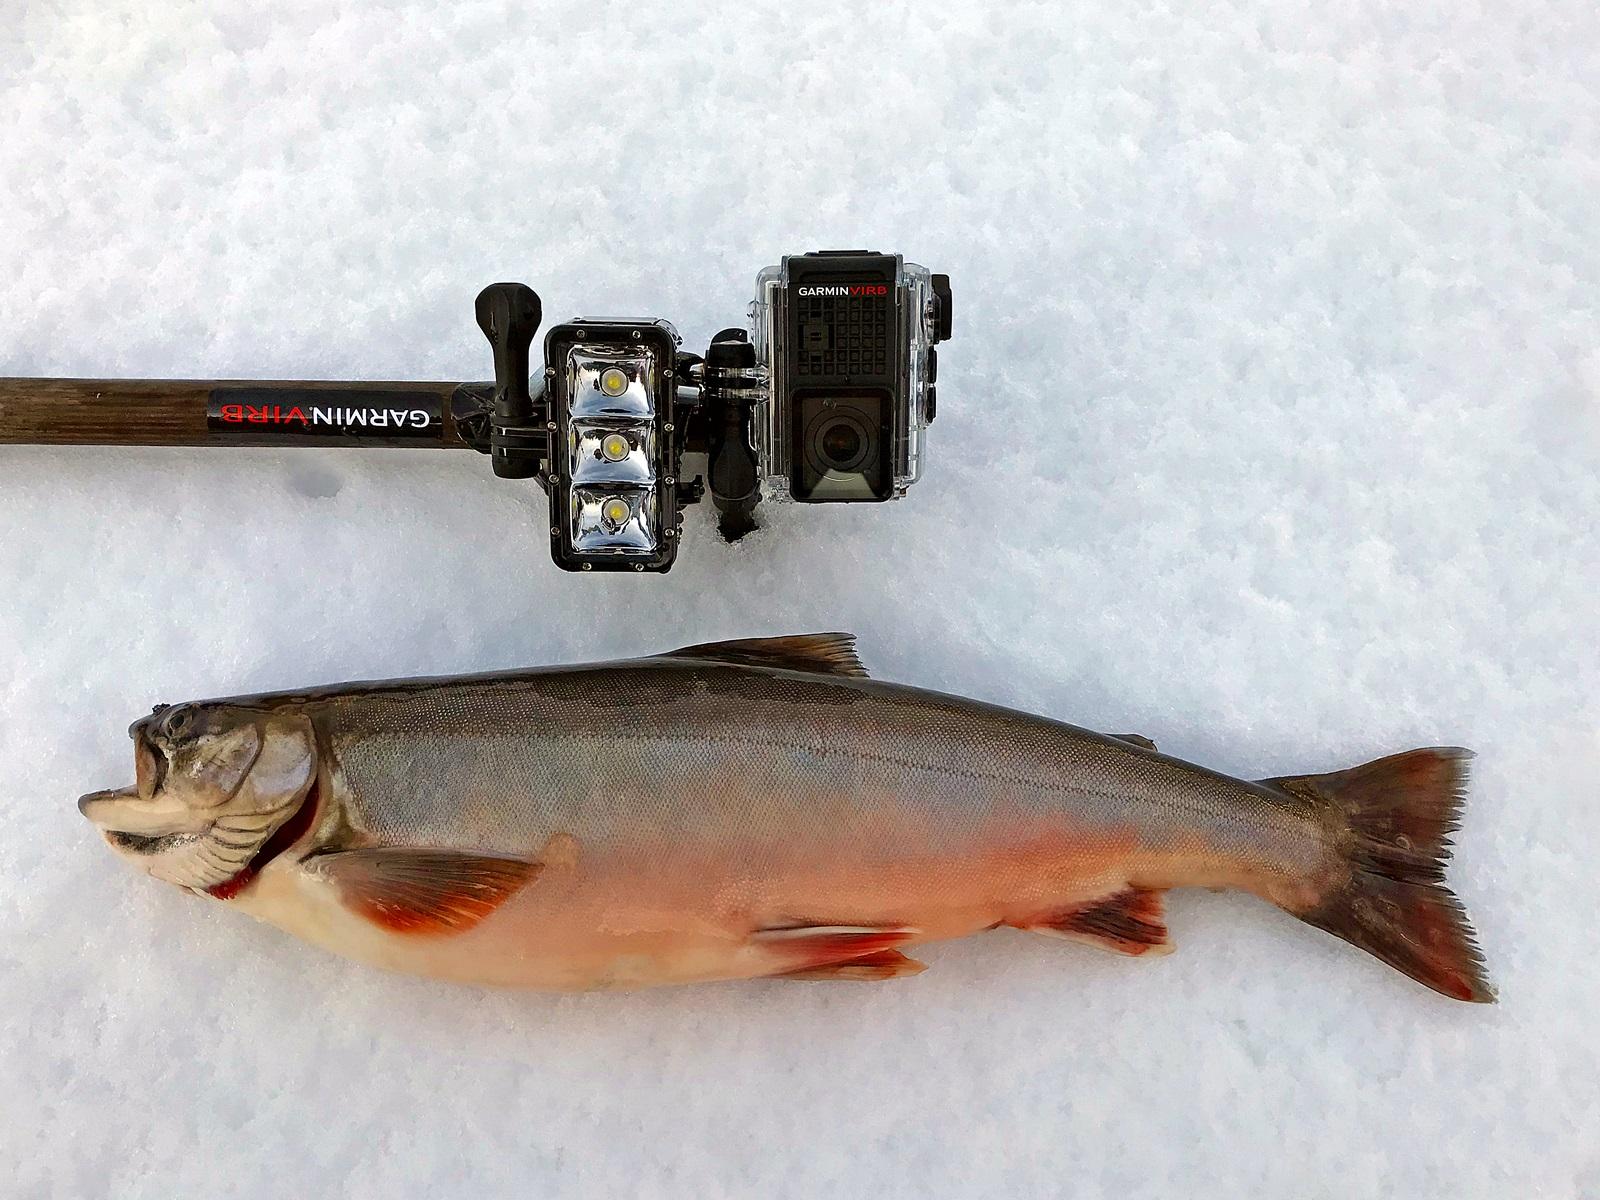 For å ta bilder under vann når det er snø på isen bruker jeg Garmin Virb kamera og ekstra lys